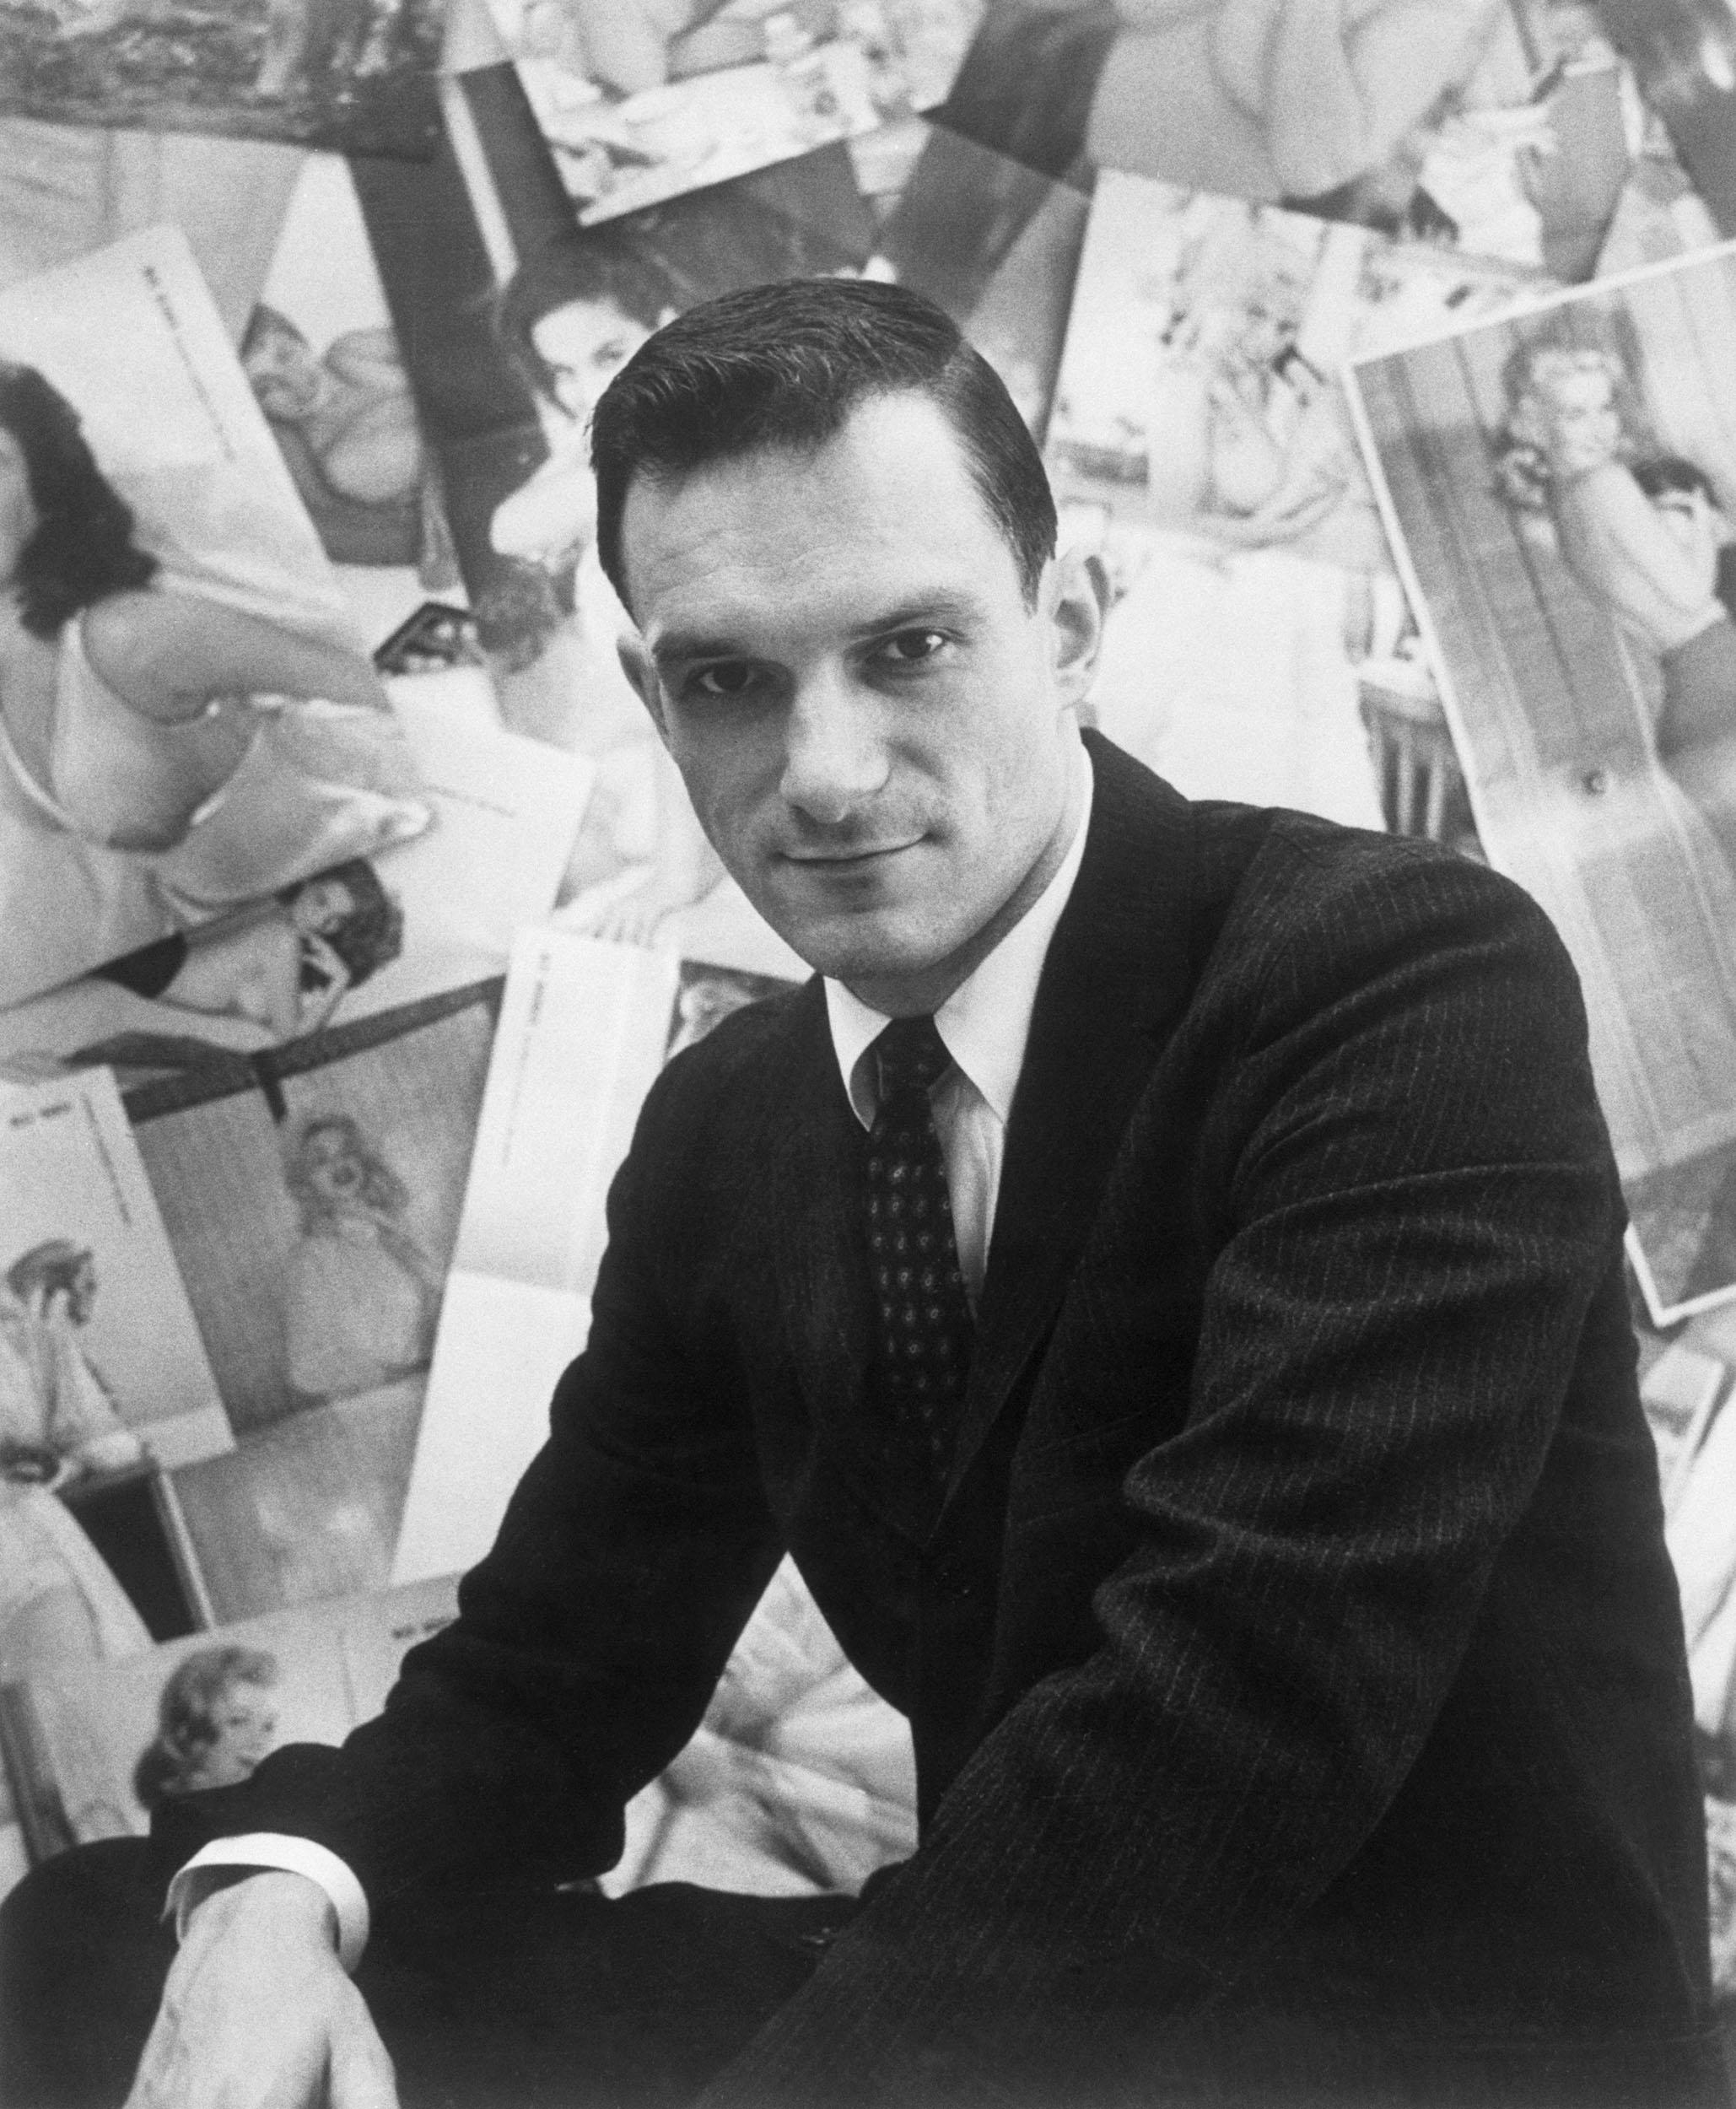 Image: Playboy Publisher Hugh Hefner